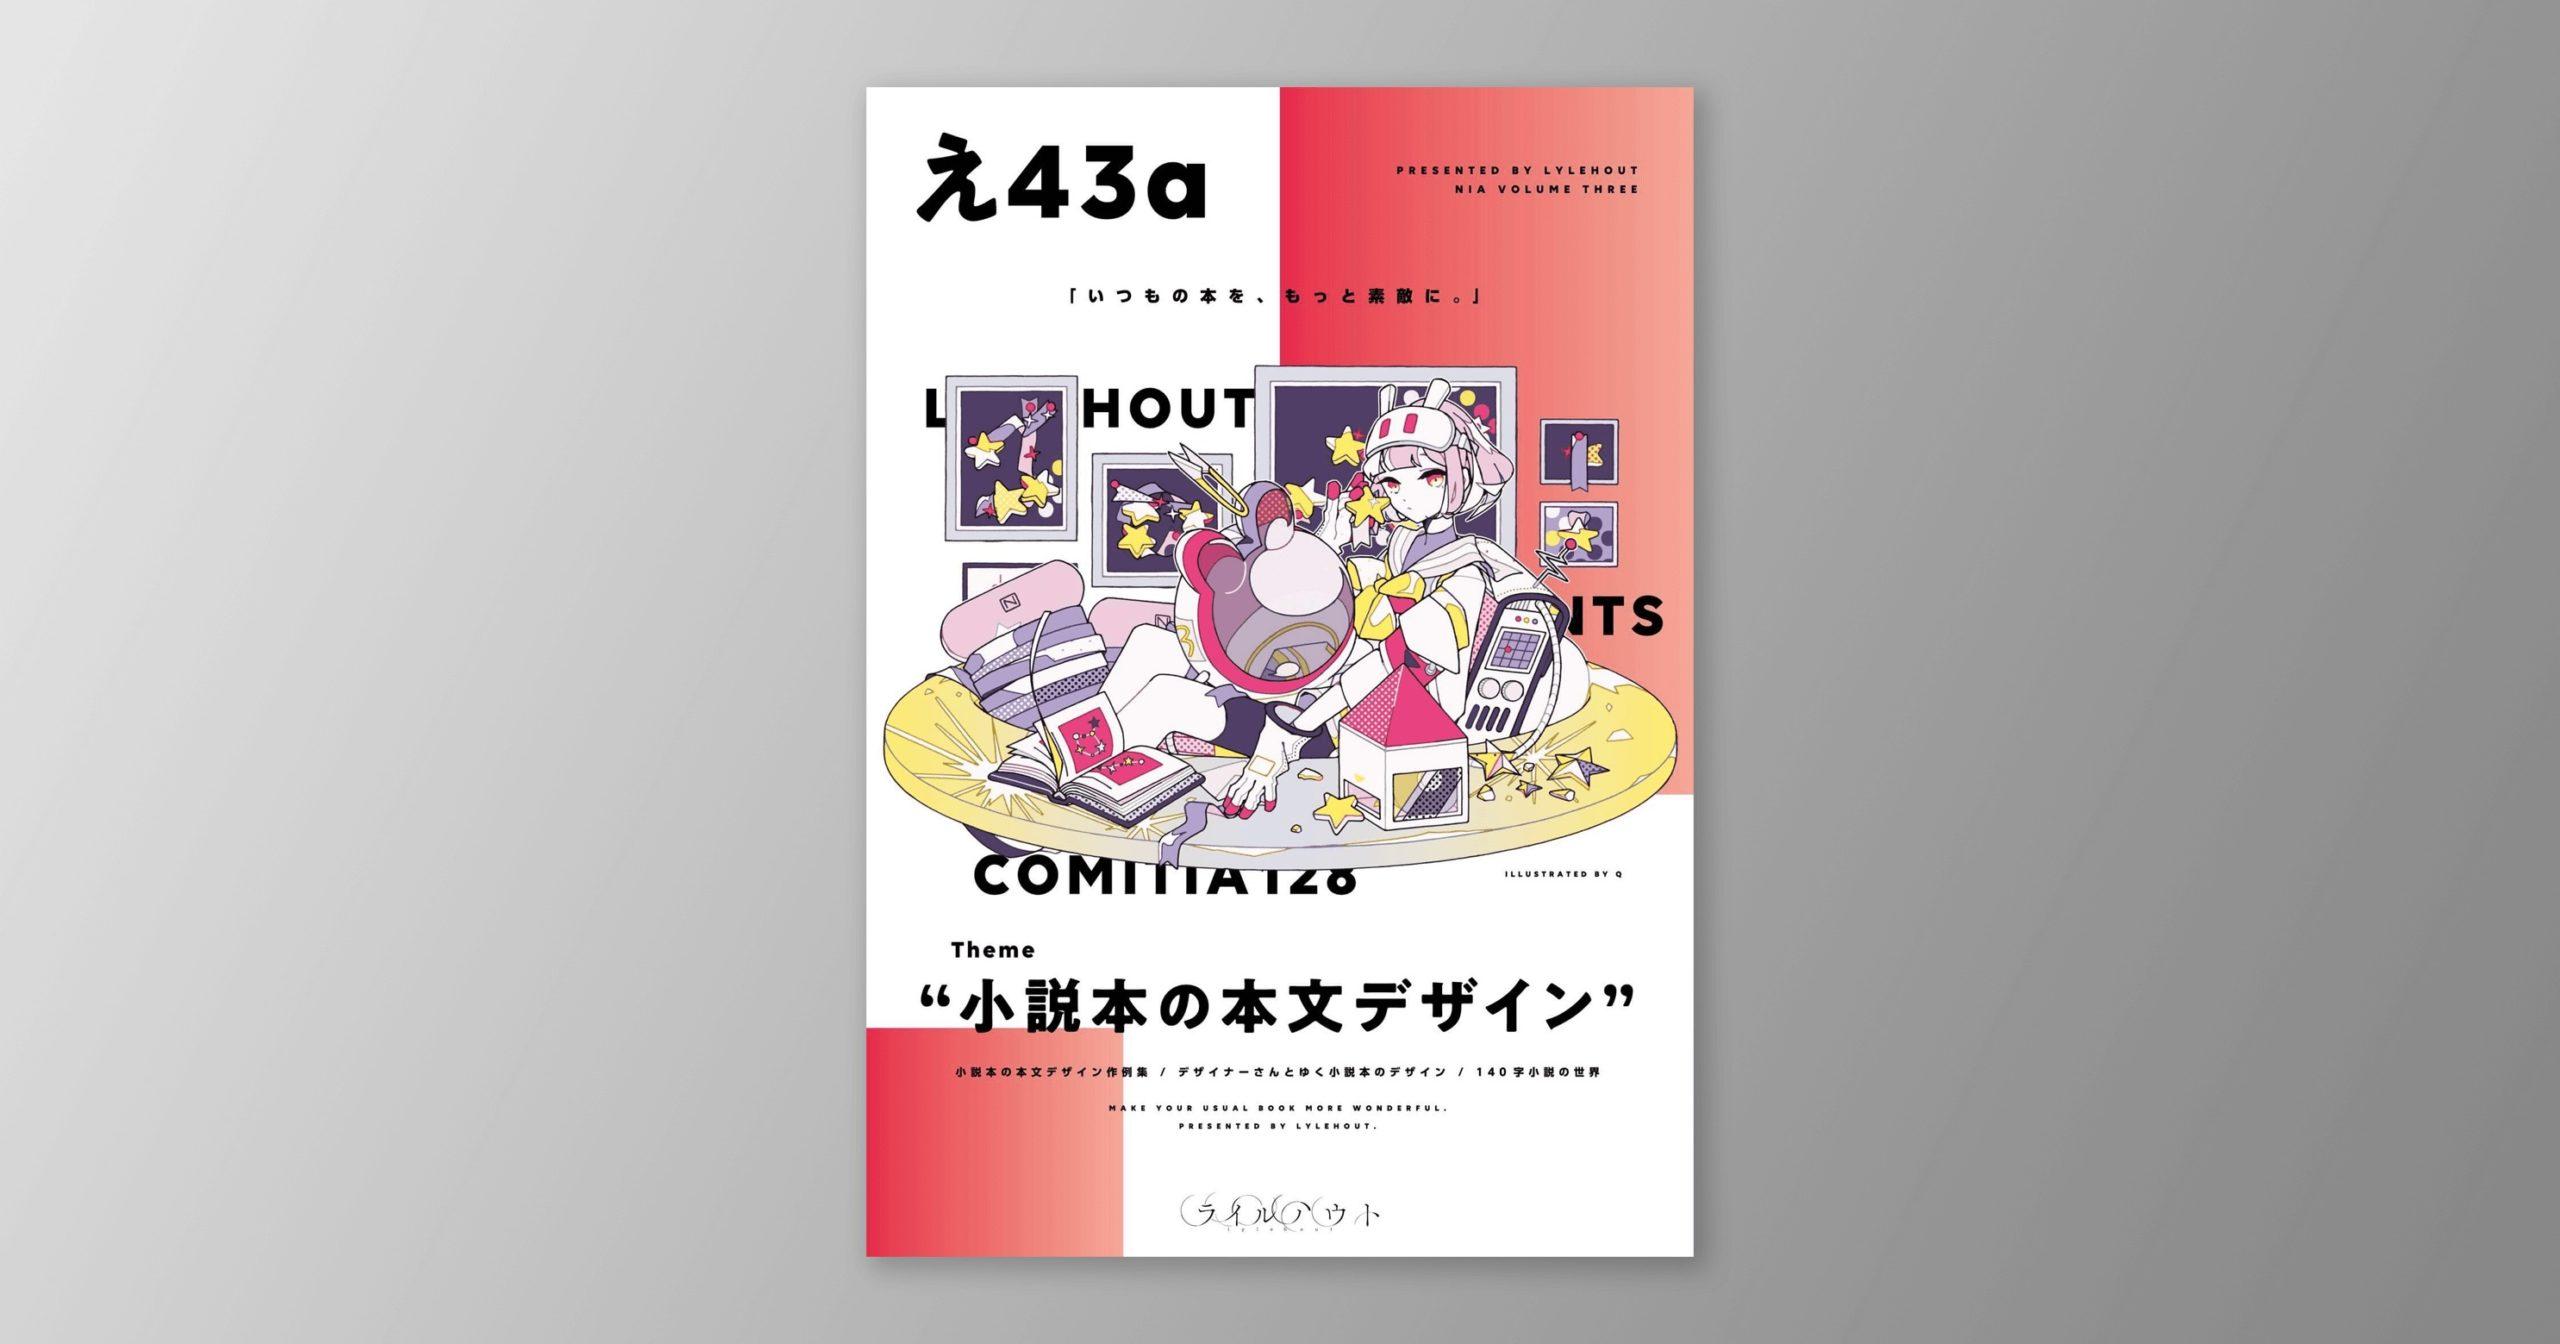 nia vol.3のポスター画像